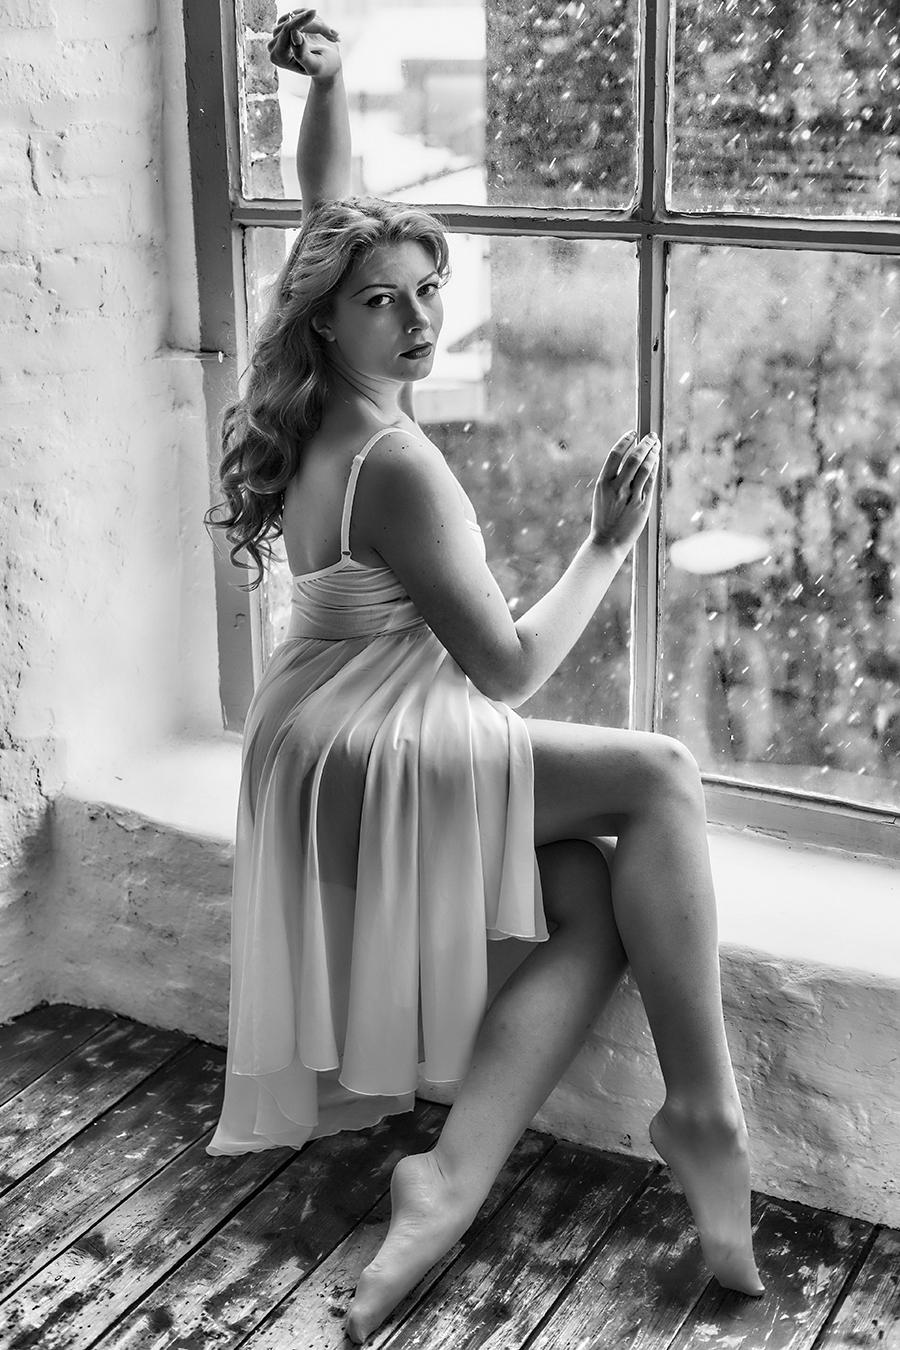 Photography by GaryMac Photography, Model Scarlett Fox / Uploaded 14th March 2016 @ 01:00 AM